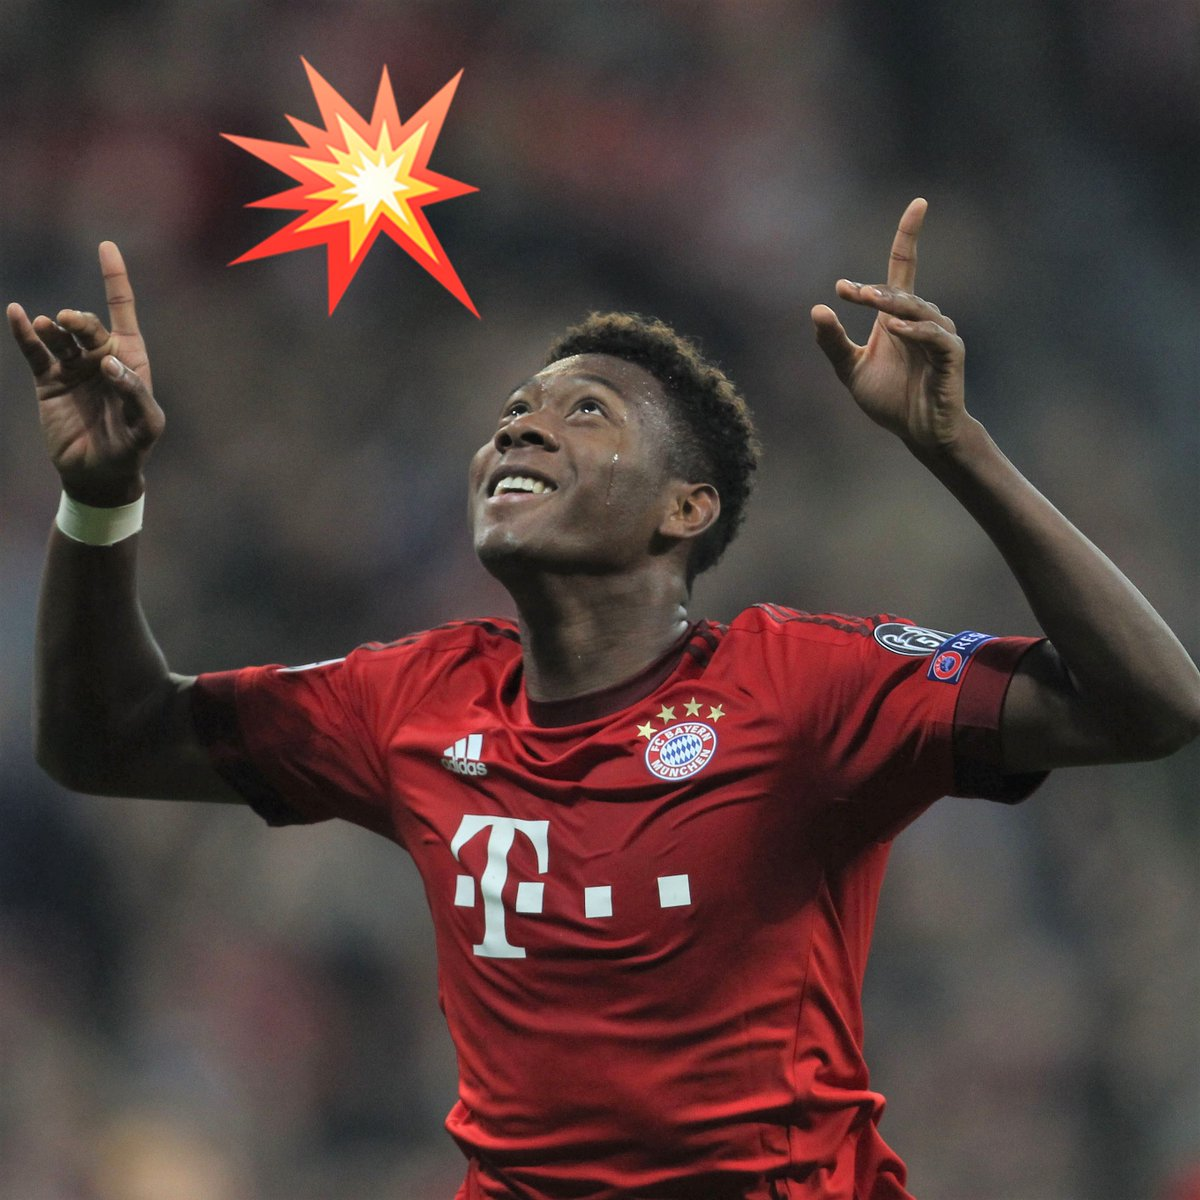 FC Bayern München's photo on Alter Schwede